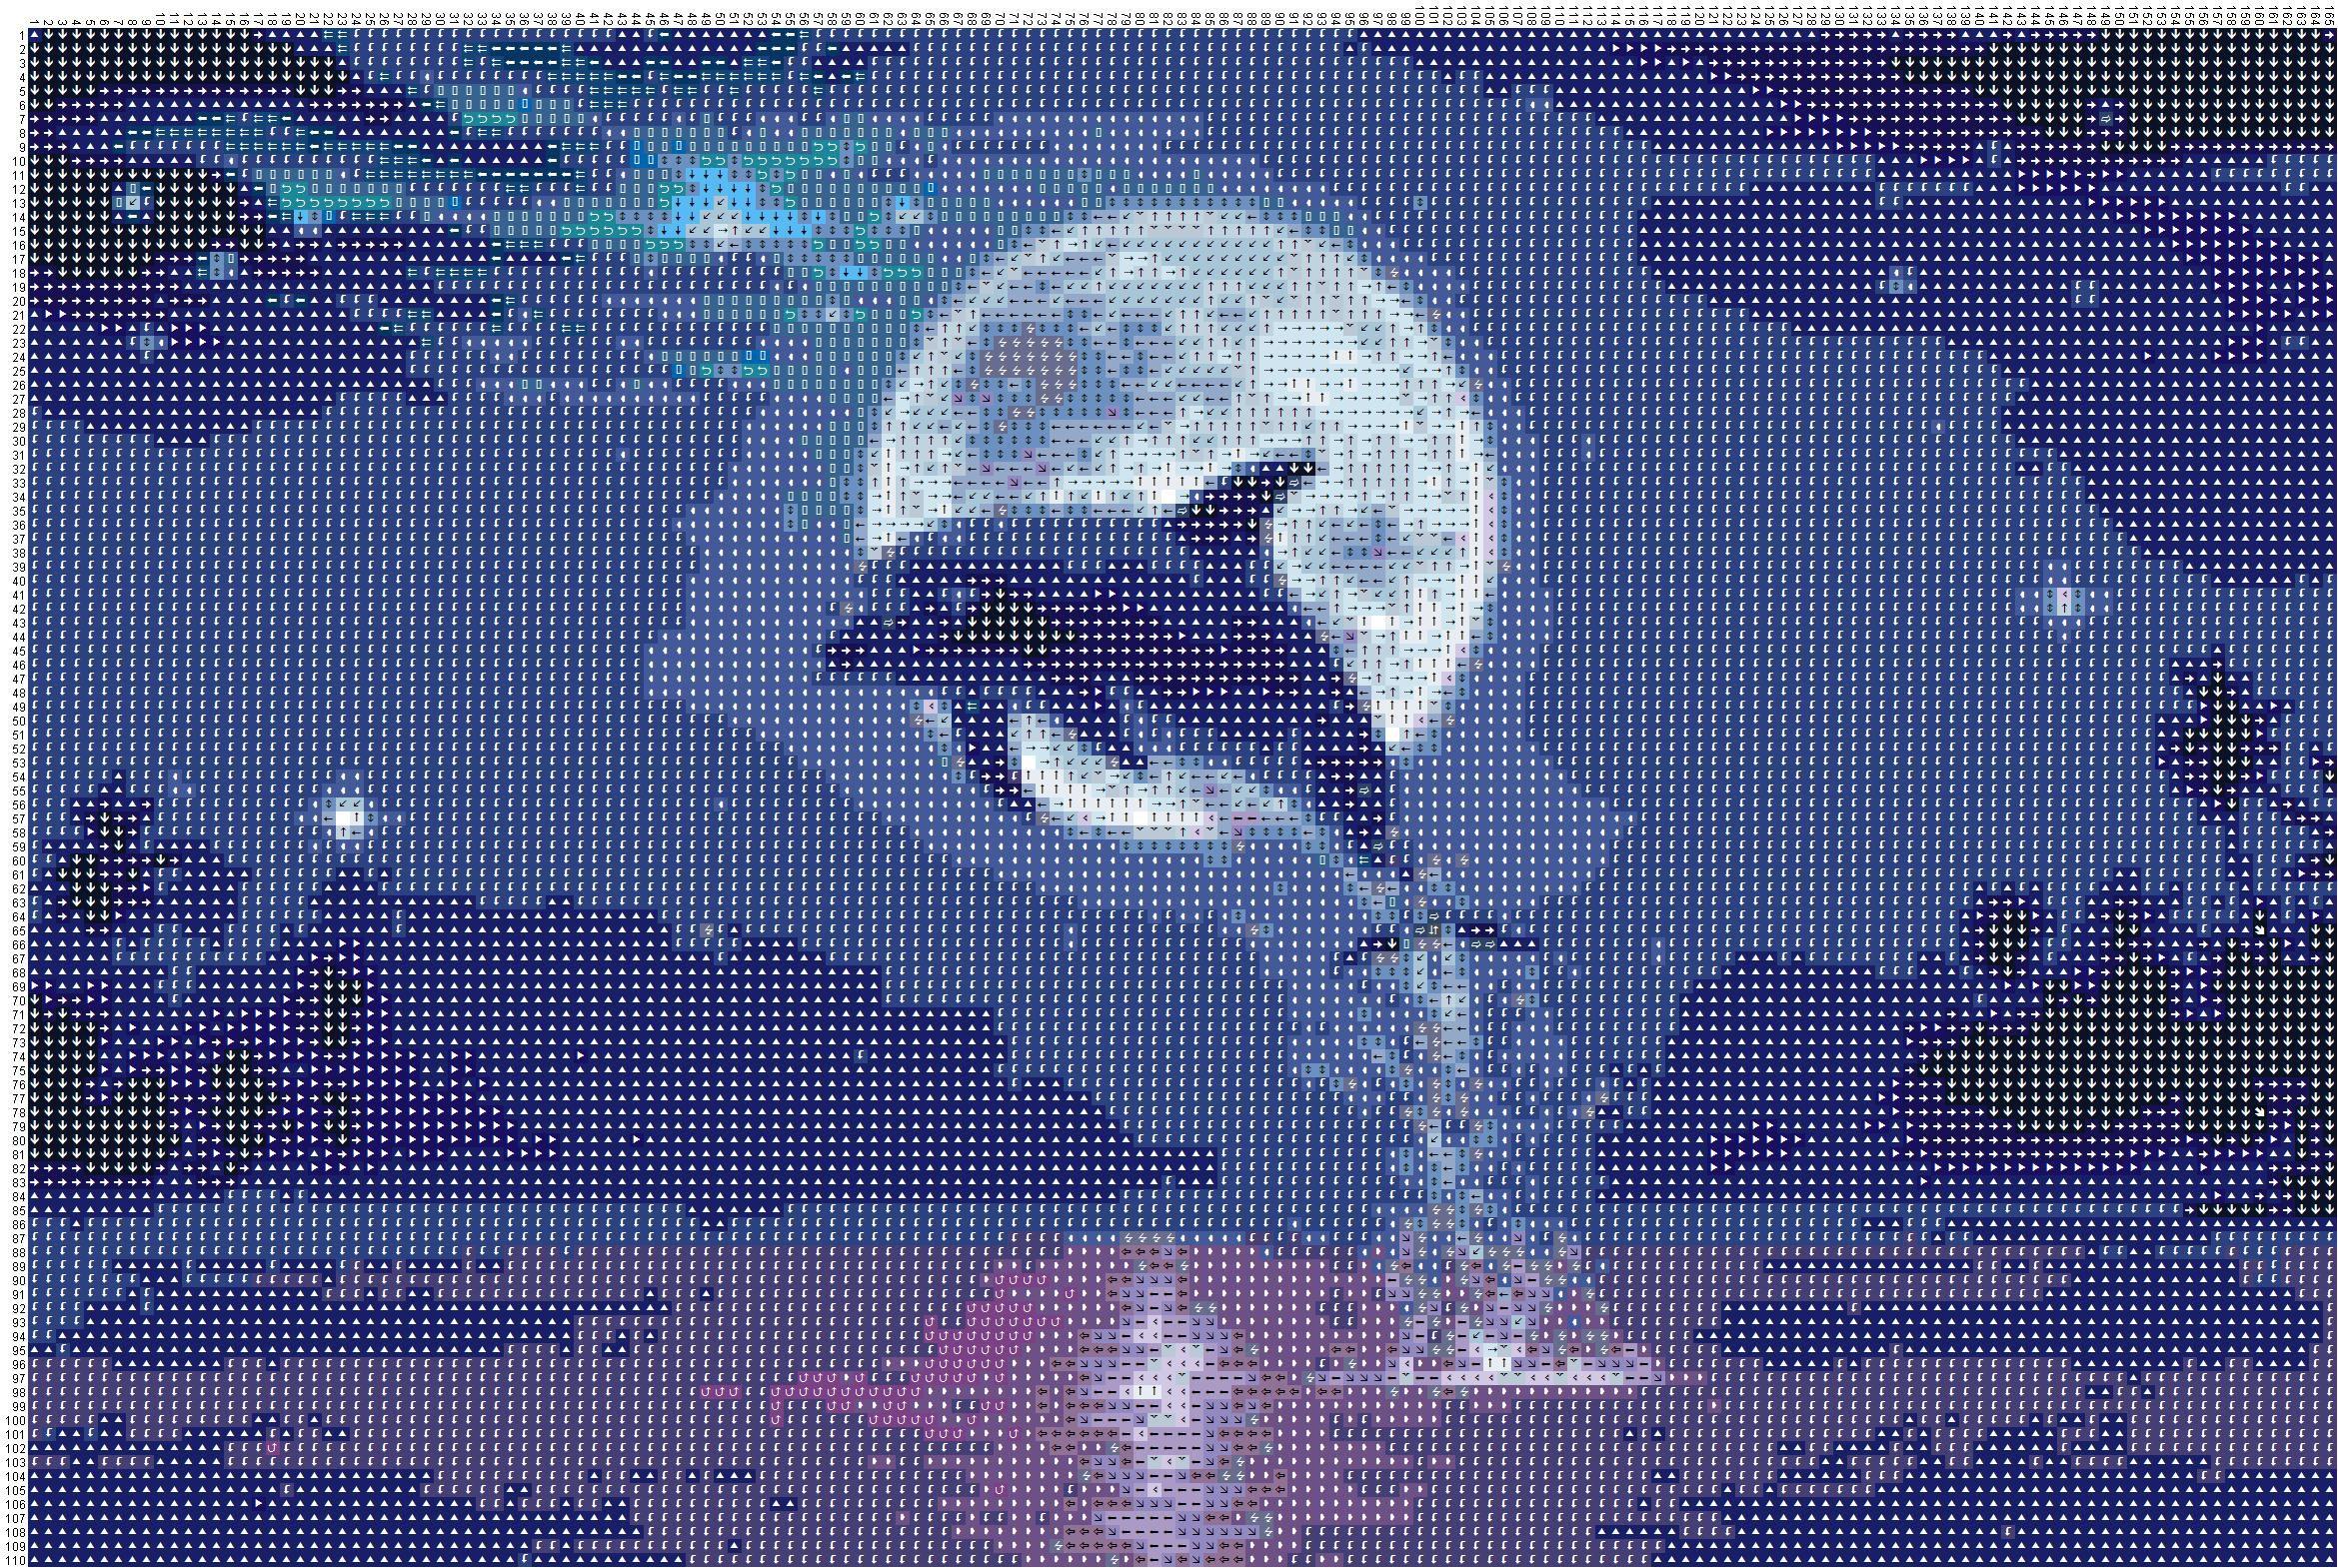 Картинки дельфинов.  Дельфин.  Выборы крысиного короля.